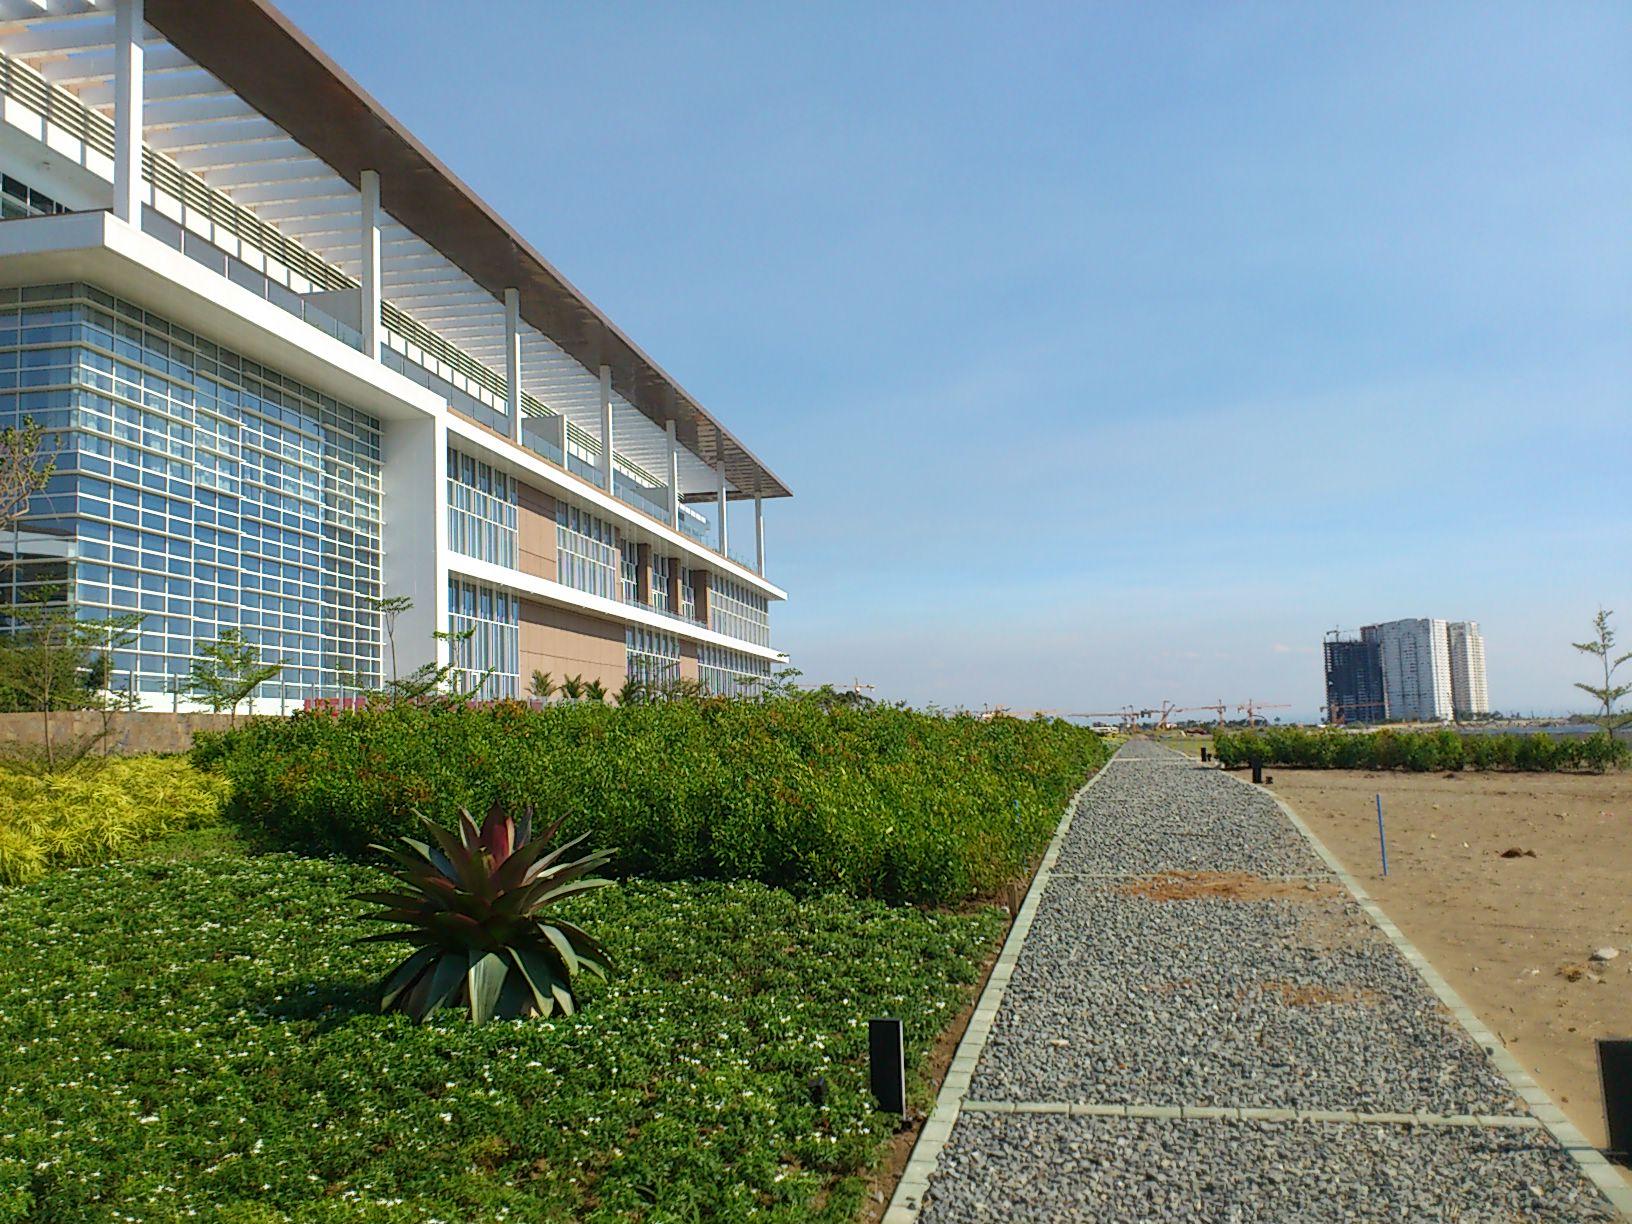 DSC 1887 マニラに出来た新しいカジノリゾート Solaire Resorts & Casino